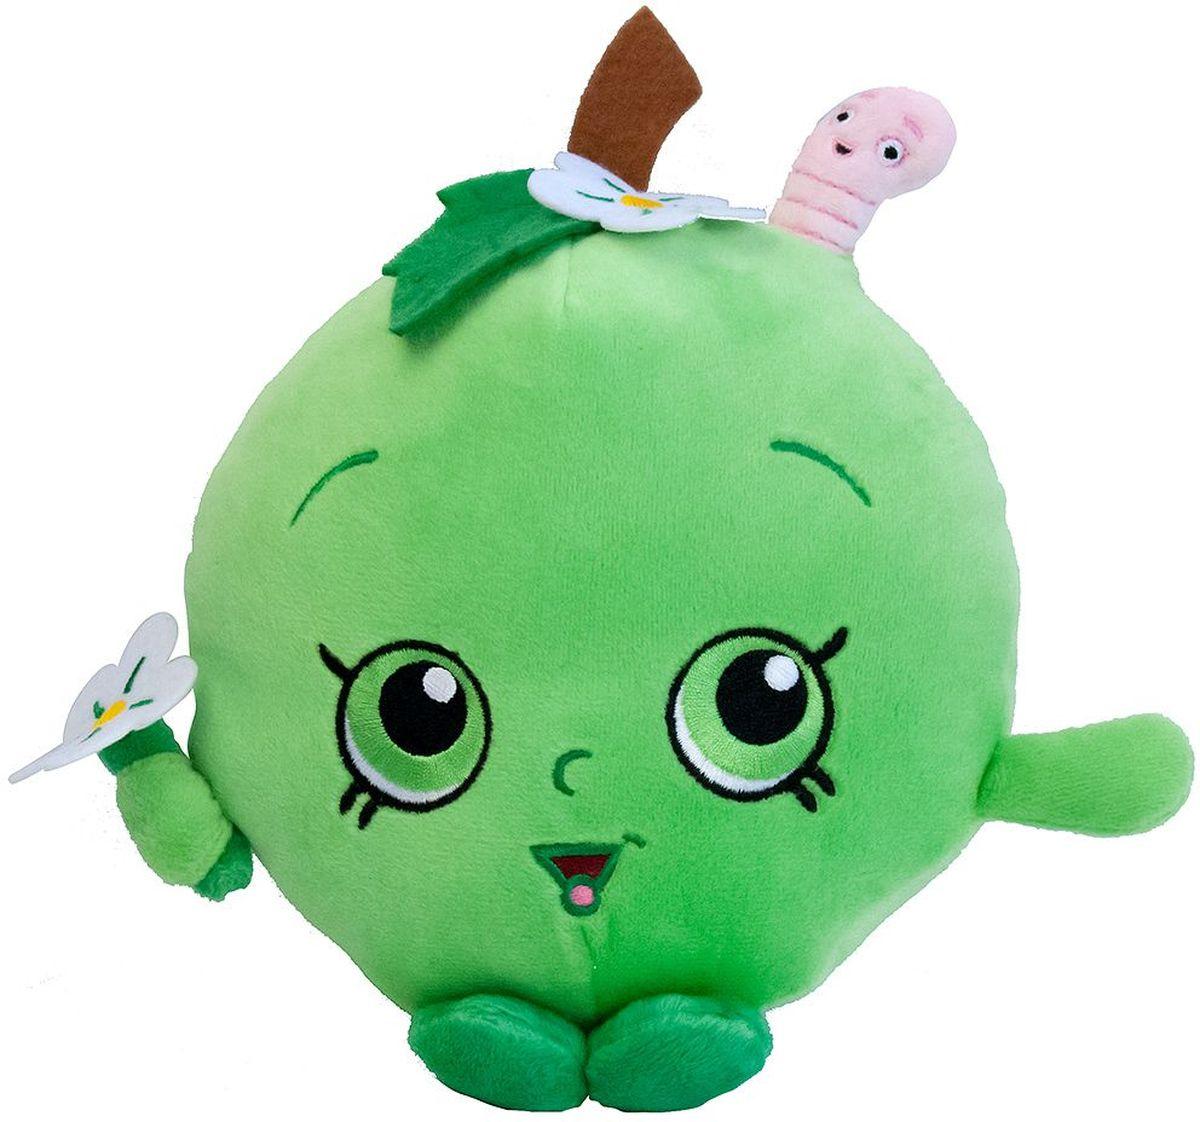 Shopkins Мягкая игрушка Яблочко Фло31633Забавная мягкая игрушка в виде Яблочка Фло из мультфильма Шопкинс порадует вашего ребенка и поможет придумать множество увлекательных игр, во время которых у малыша будут развиваться воображение, речь, тактильное восприятие и многое другое. Компактную игрушку очень удобно брать с собой в гости или в садик. Соберите всю коллекцию плюшевых игрушек Шопкинс, чтобы детские игры стали увлекательнее и разнообразнее! Мягкая игрушка Яблочко Фло ТМ Шопкинс высотой 20 см выполнена из нежного, приятного на ощупь плюша, плотно набита и декорирована высококачественной вышивкой. Товар сертифицирован. Упаковка - пакет.